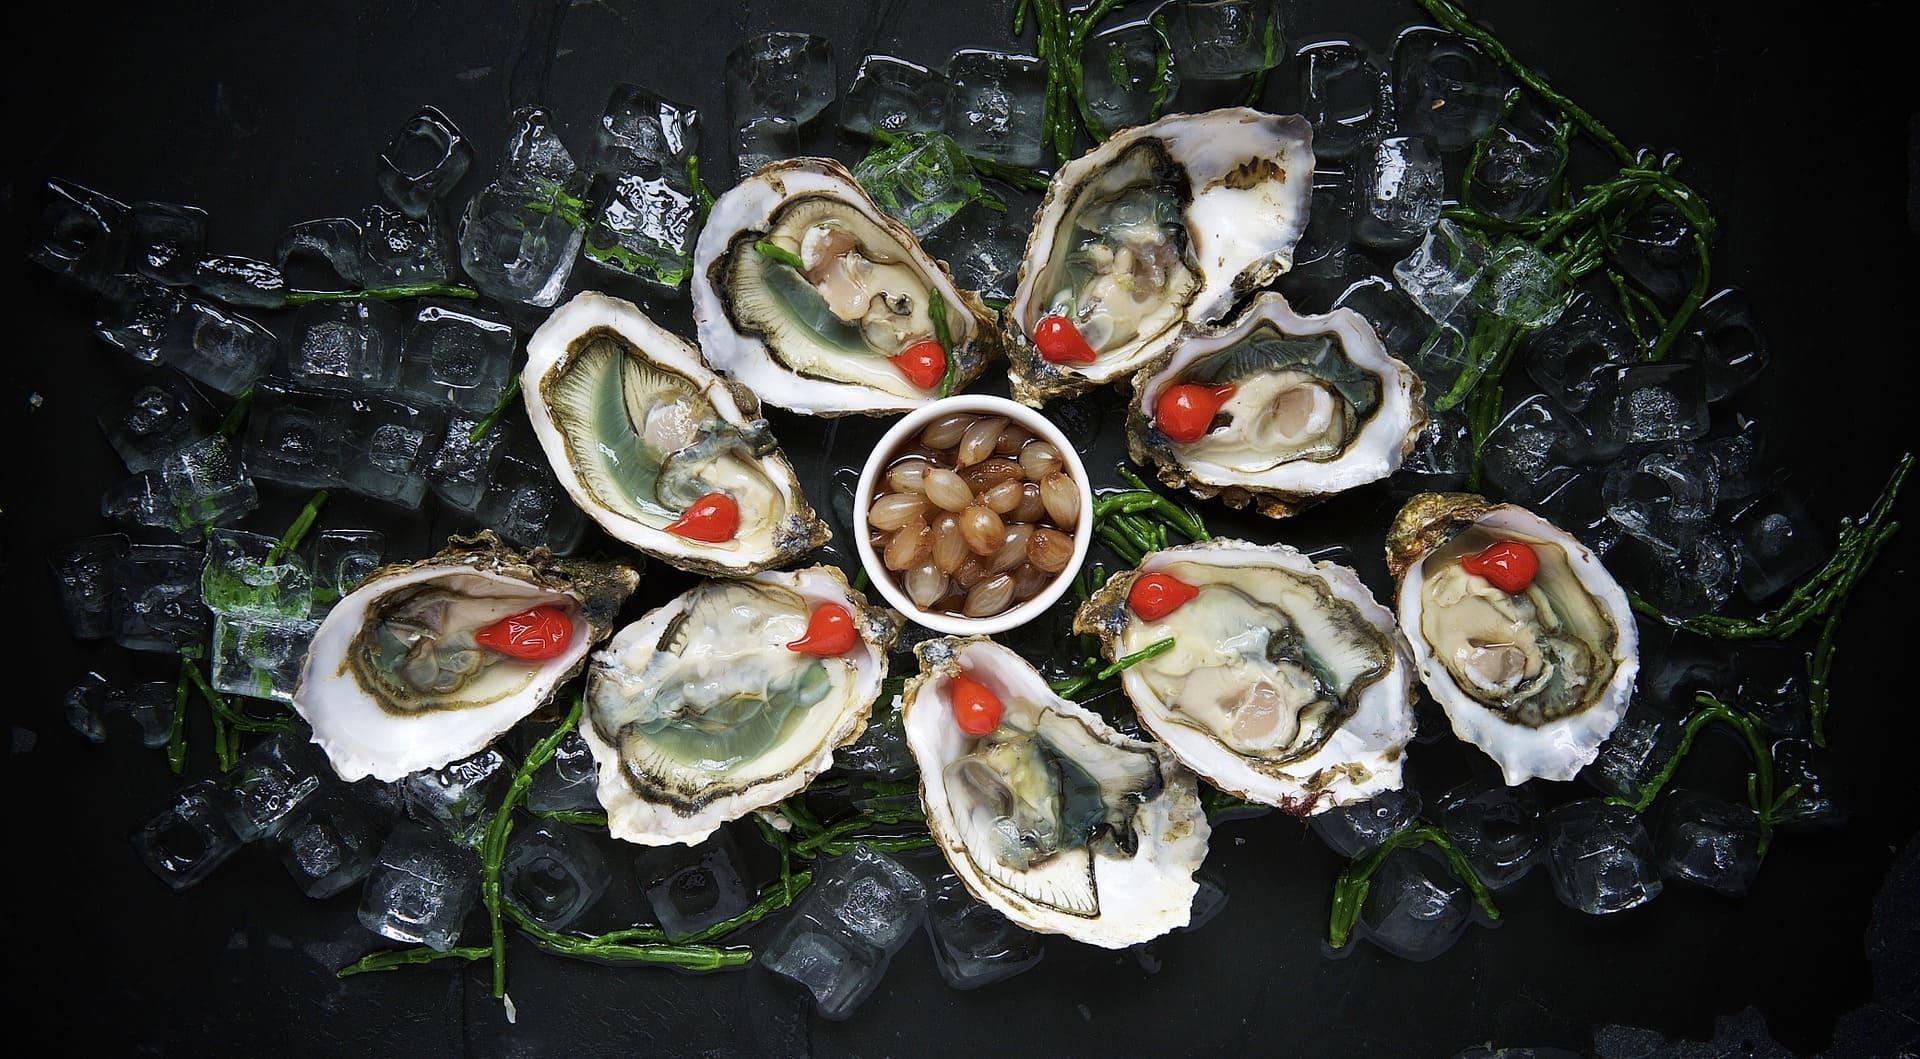 お皿に並んだ牡蠣